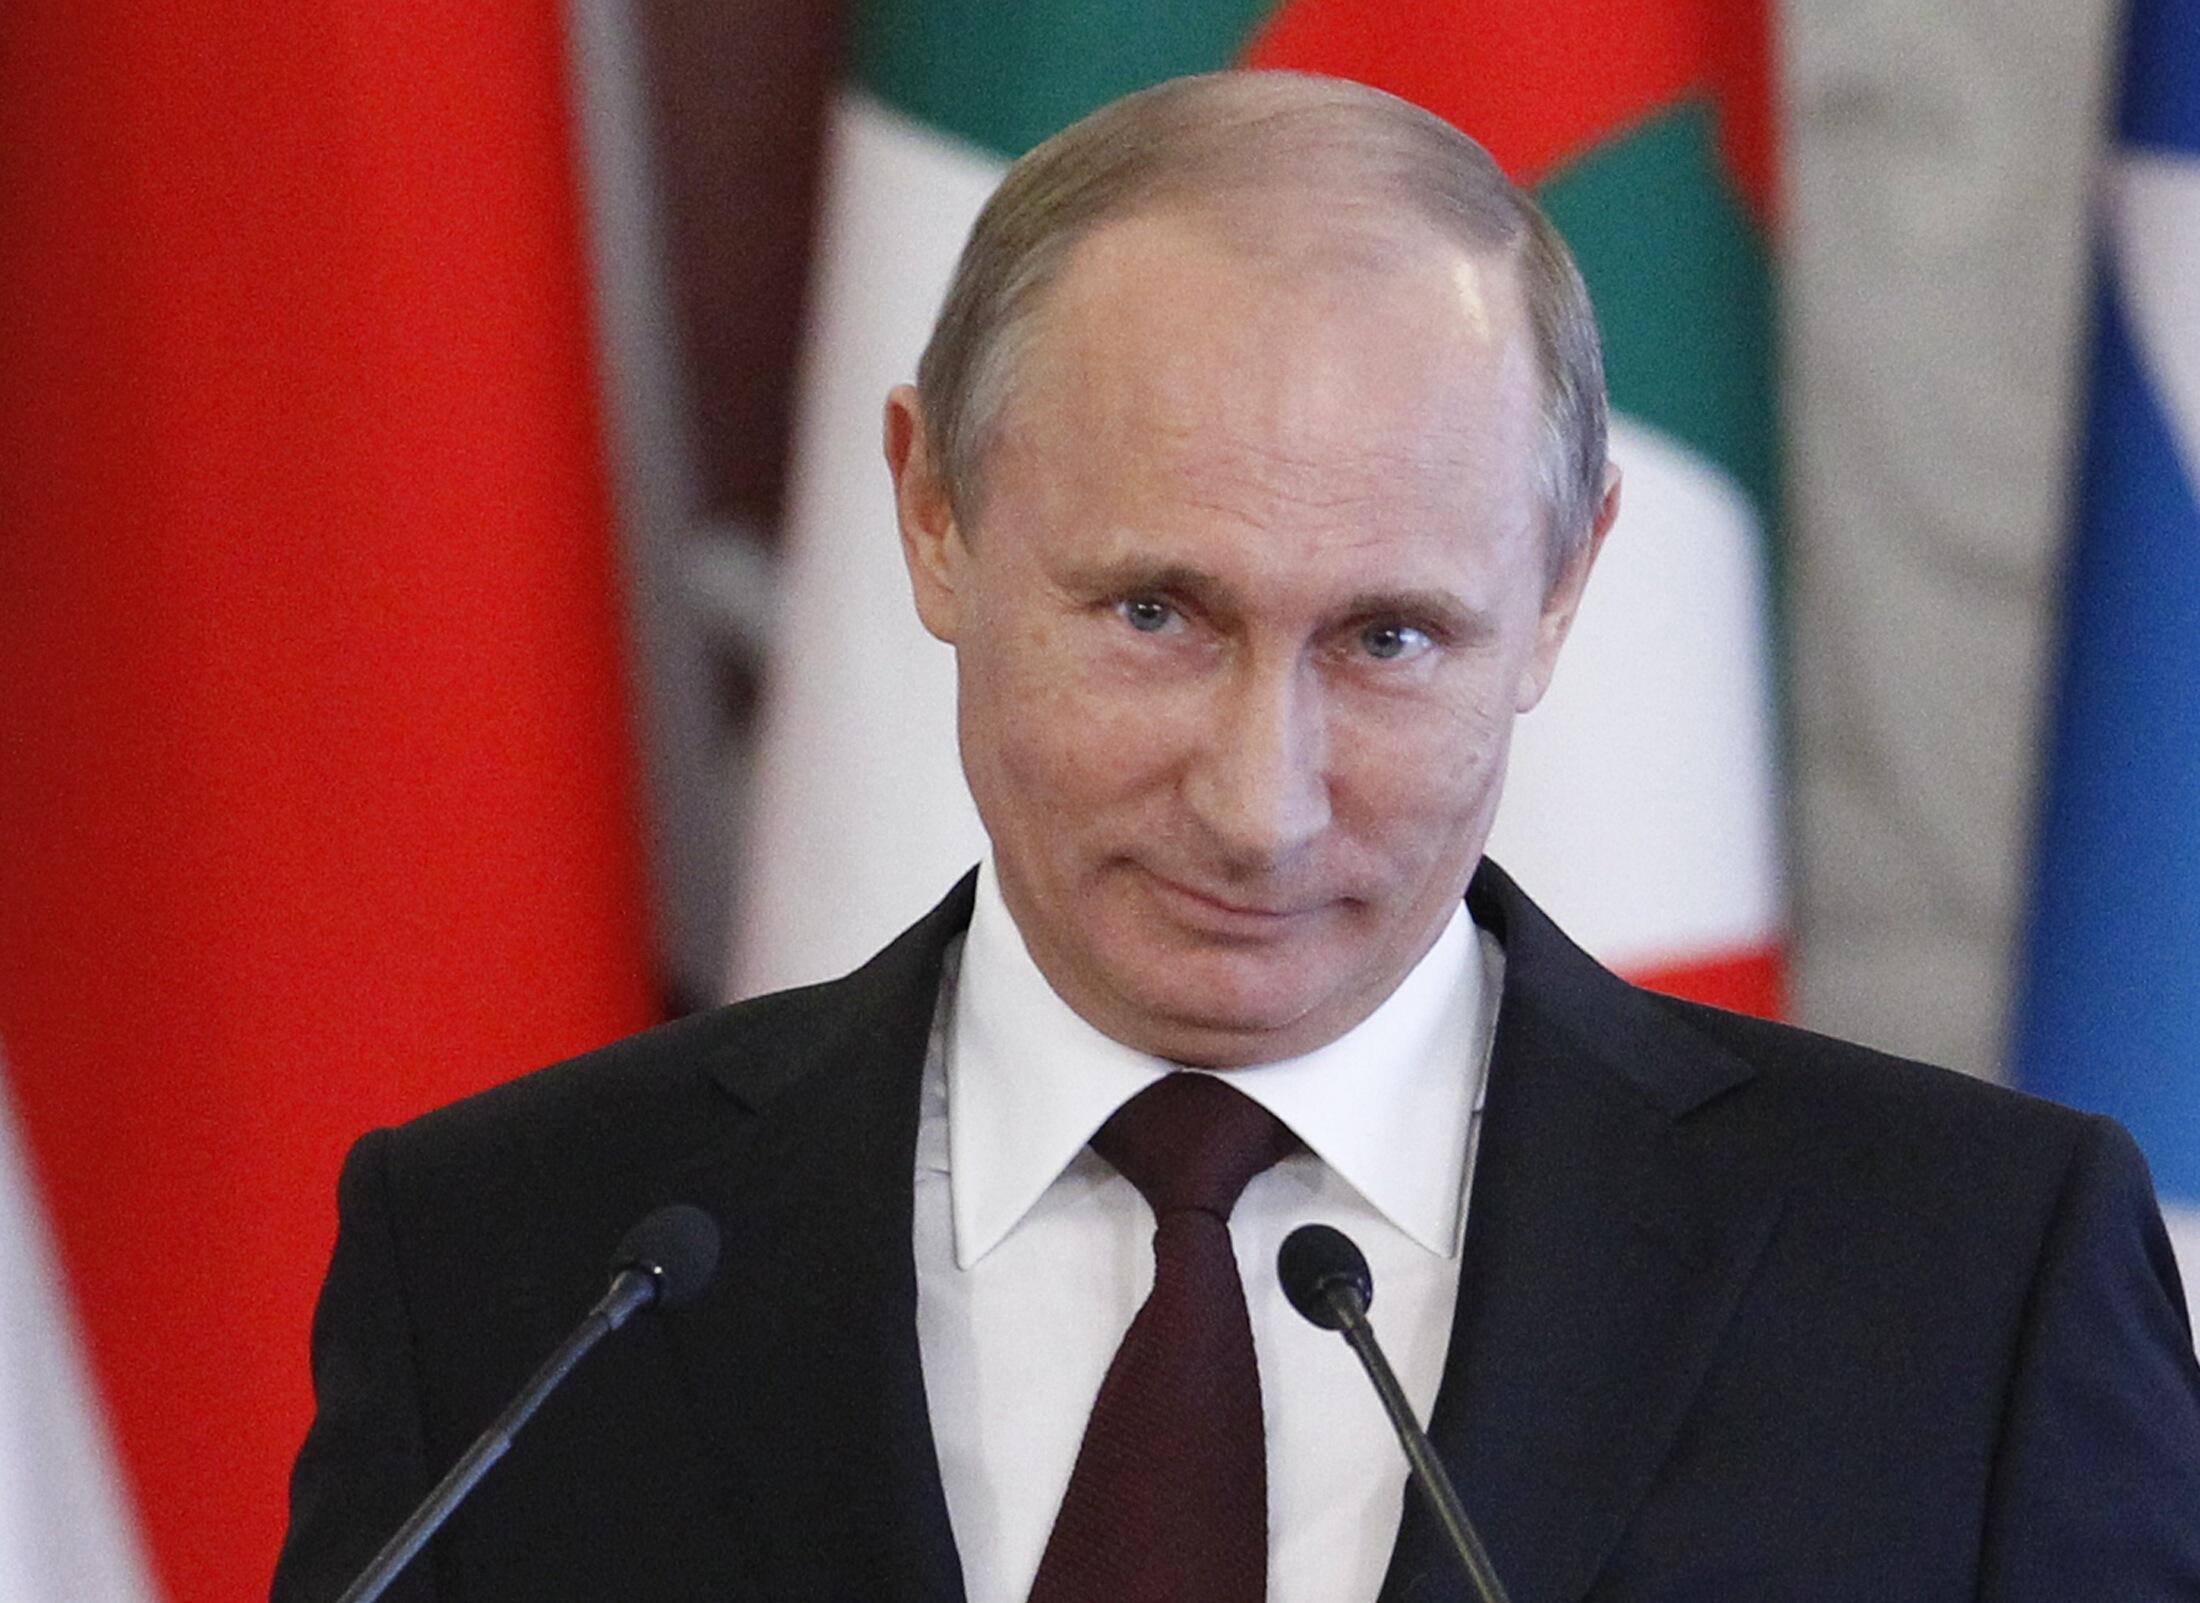 Владимир Путин в Кремле 01/07/2013